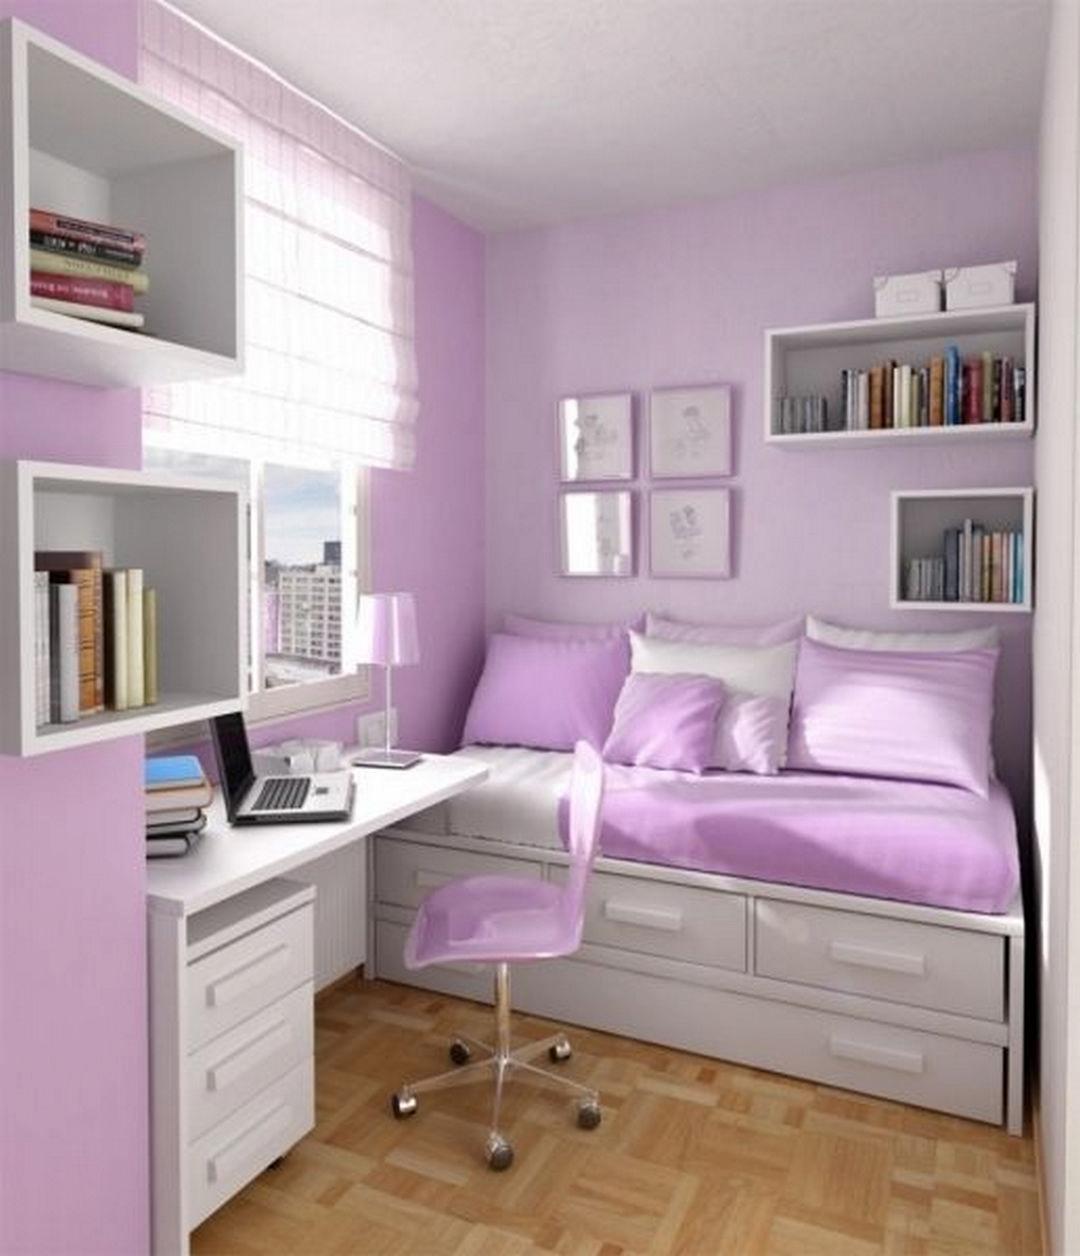 Pin On Gorgeous Interior Ideas Teen bedroom design purple